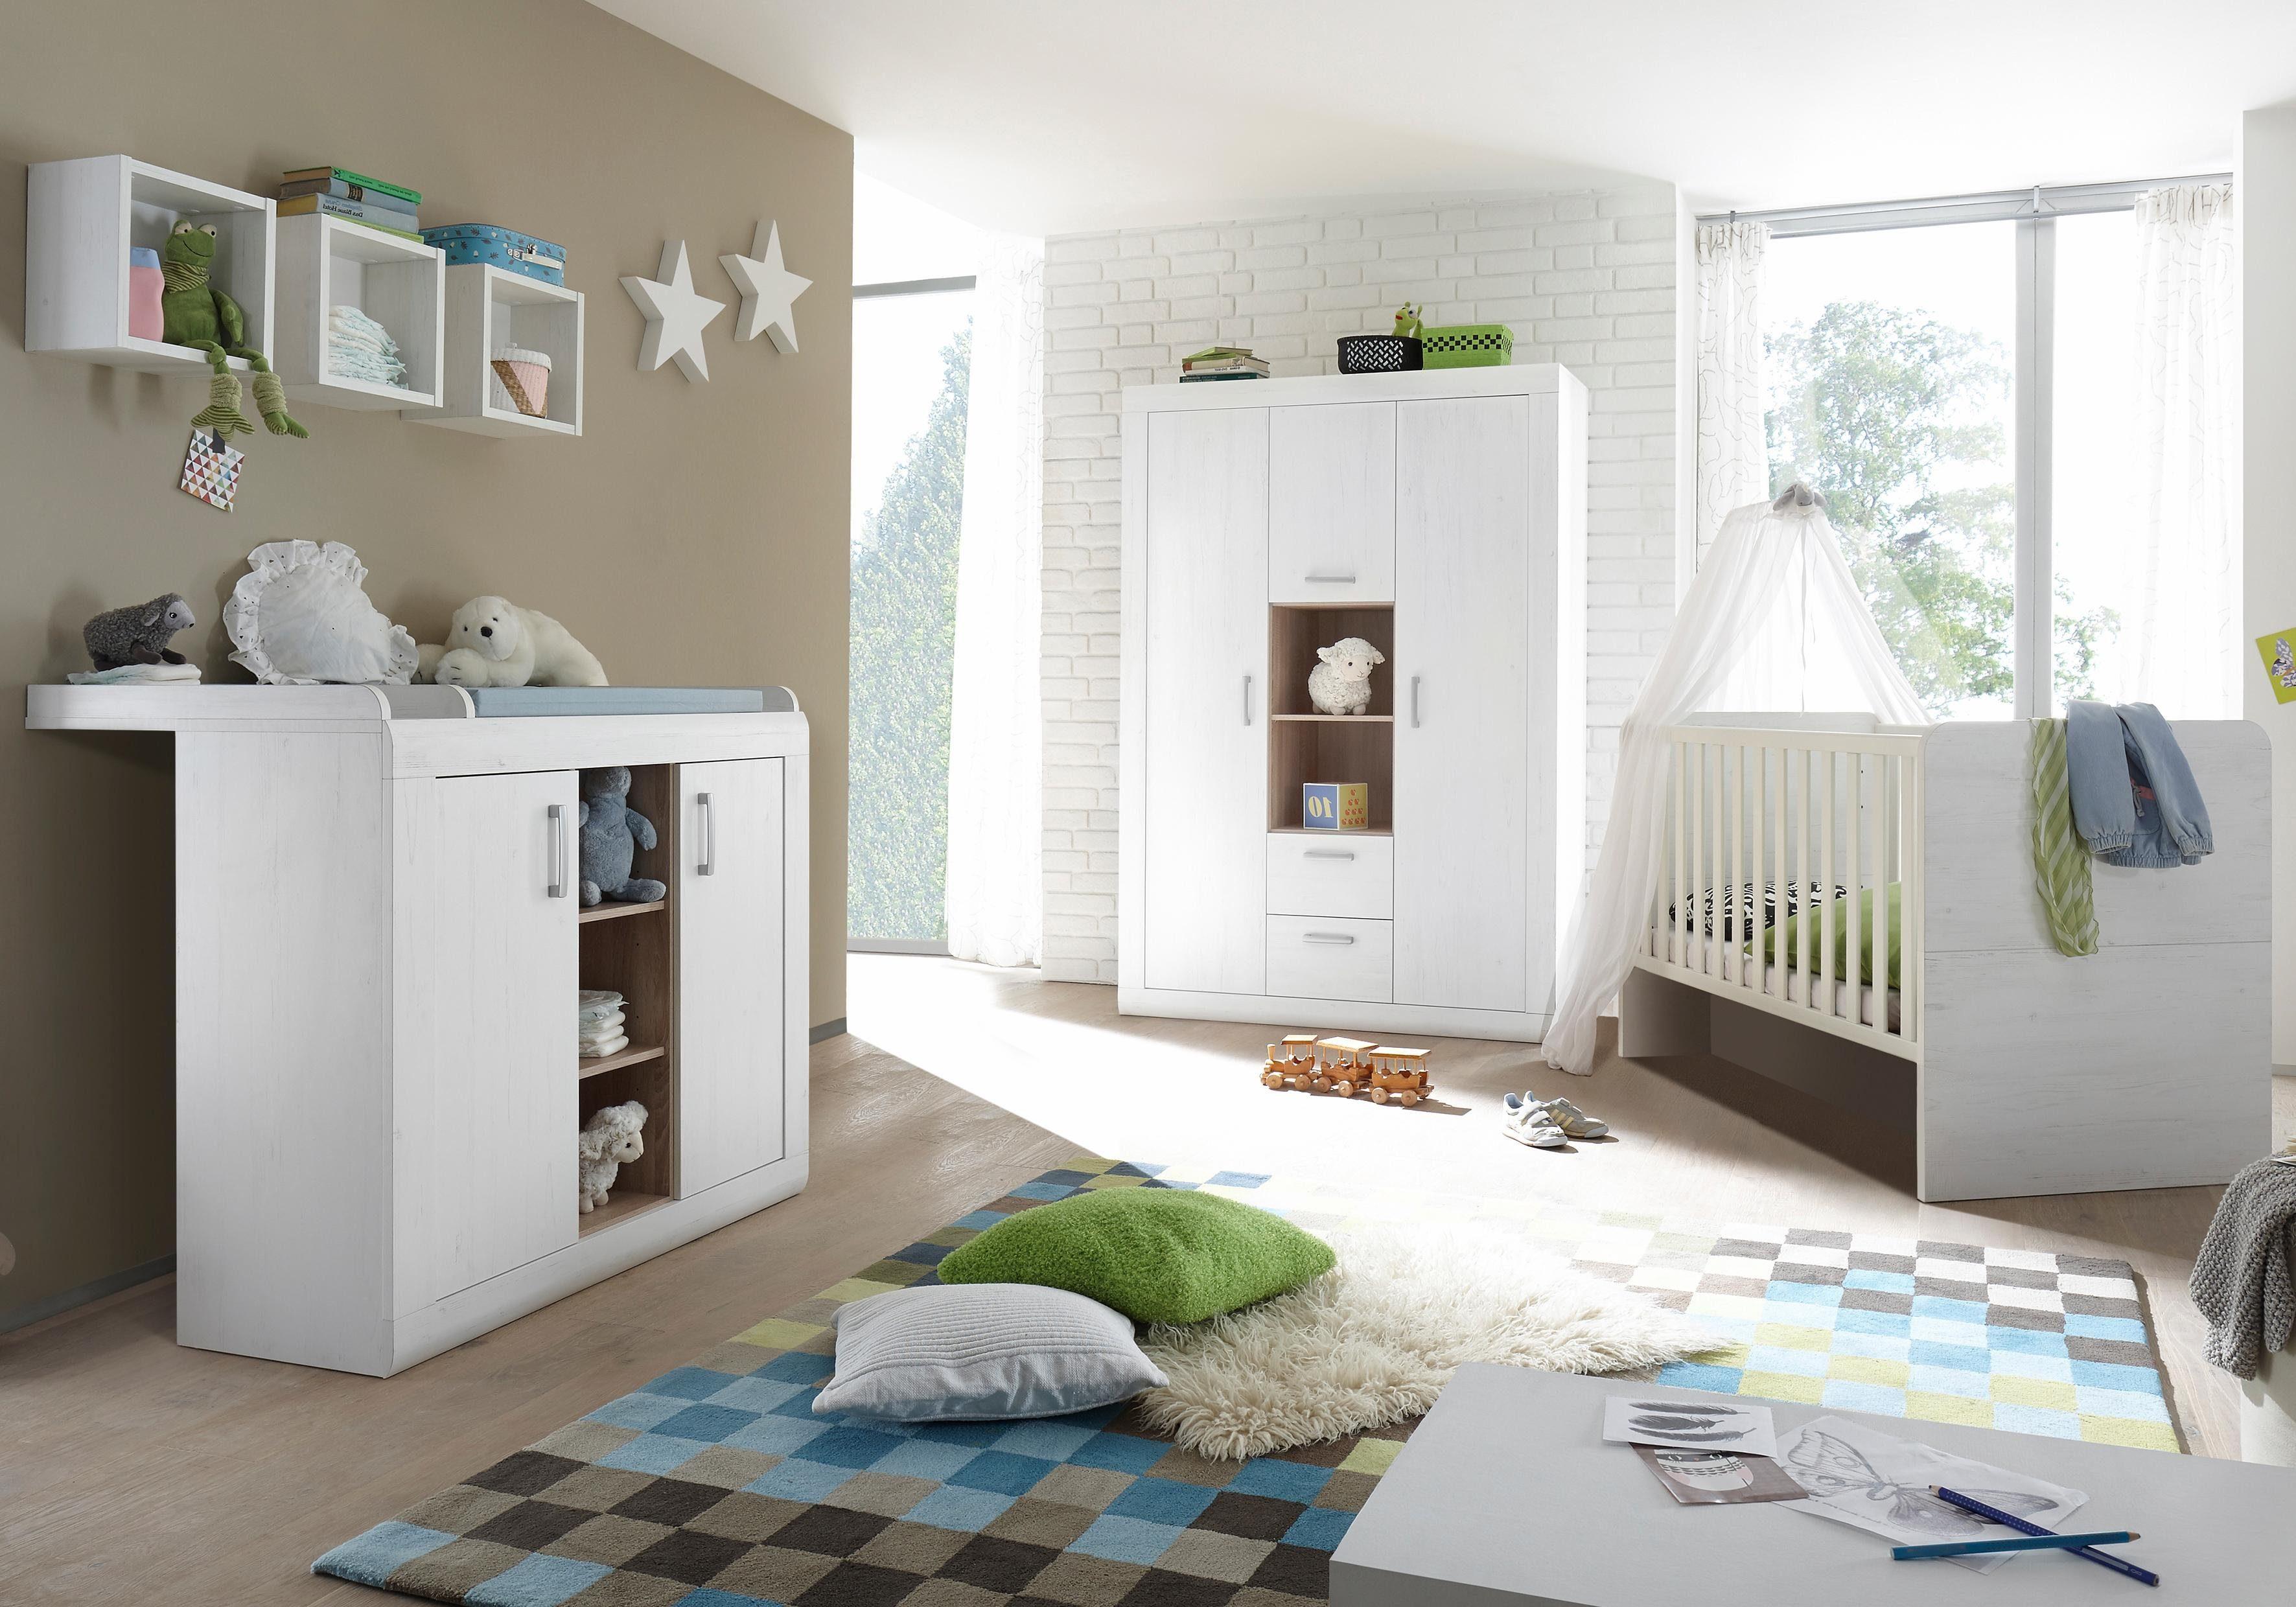 Komplett Babyzimmer »Usedom« Babybett + Wickelkommode + Kleiderschrank, (3-tlg.) in Pinie Struktur NB weiß